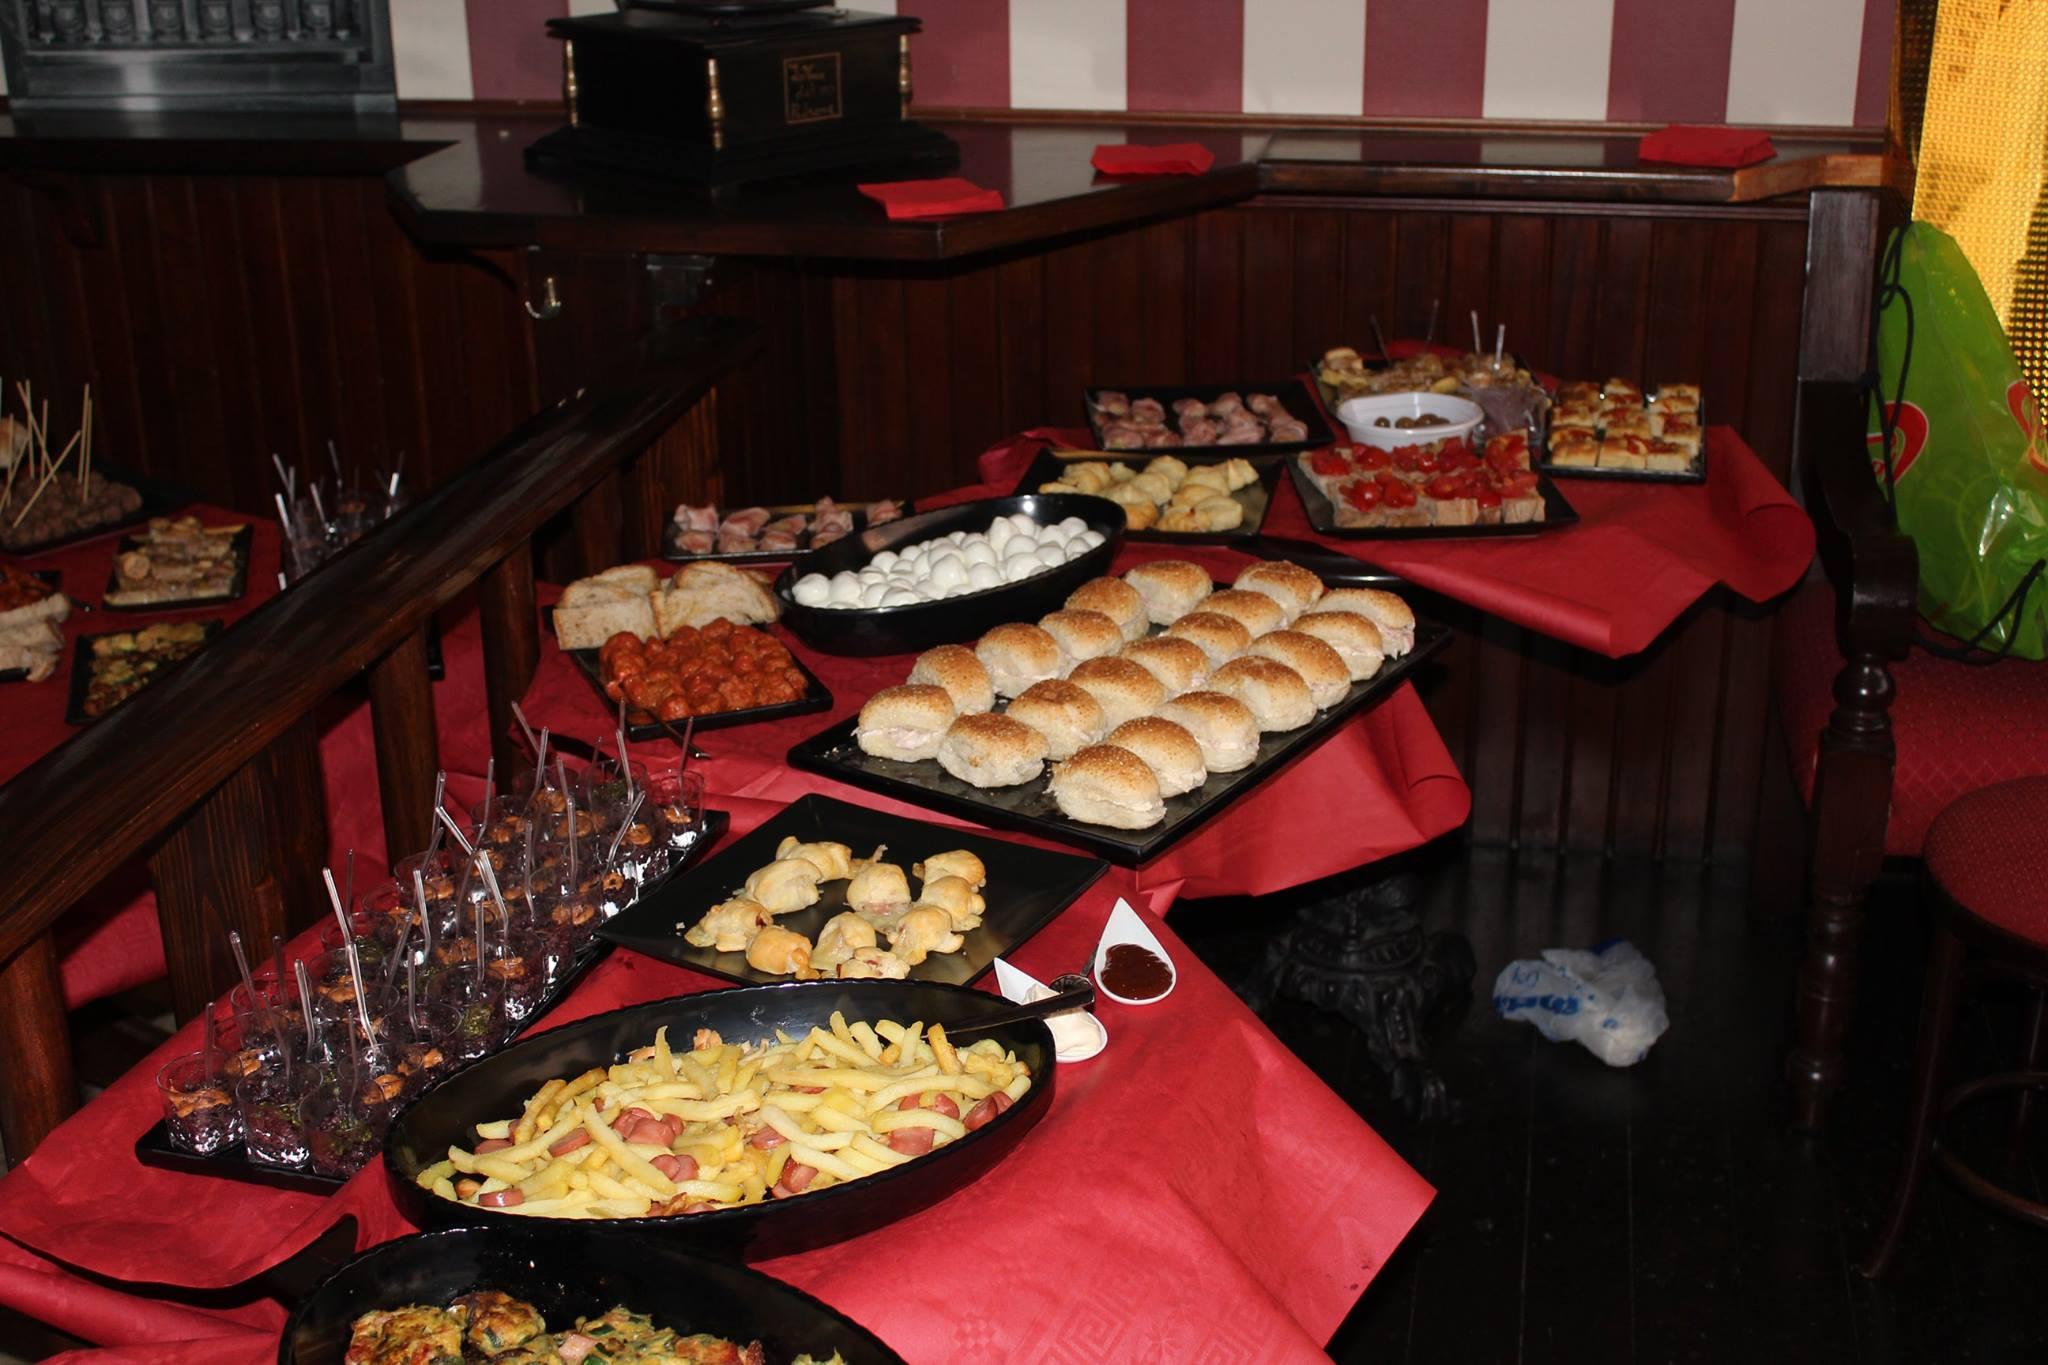 dei panini, un vassoio con patatine e wurstel e altre specialita'